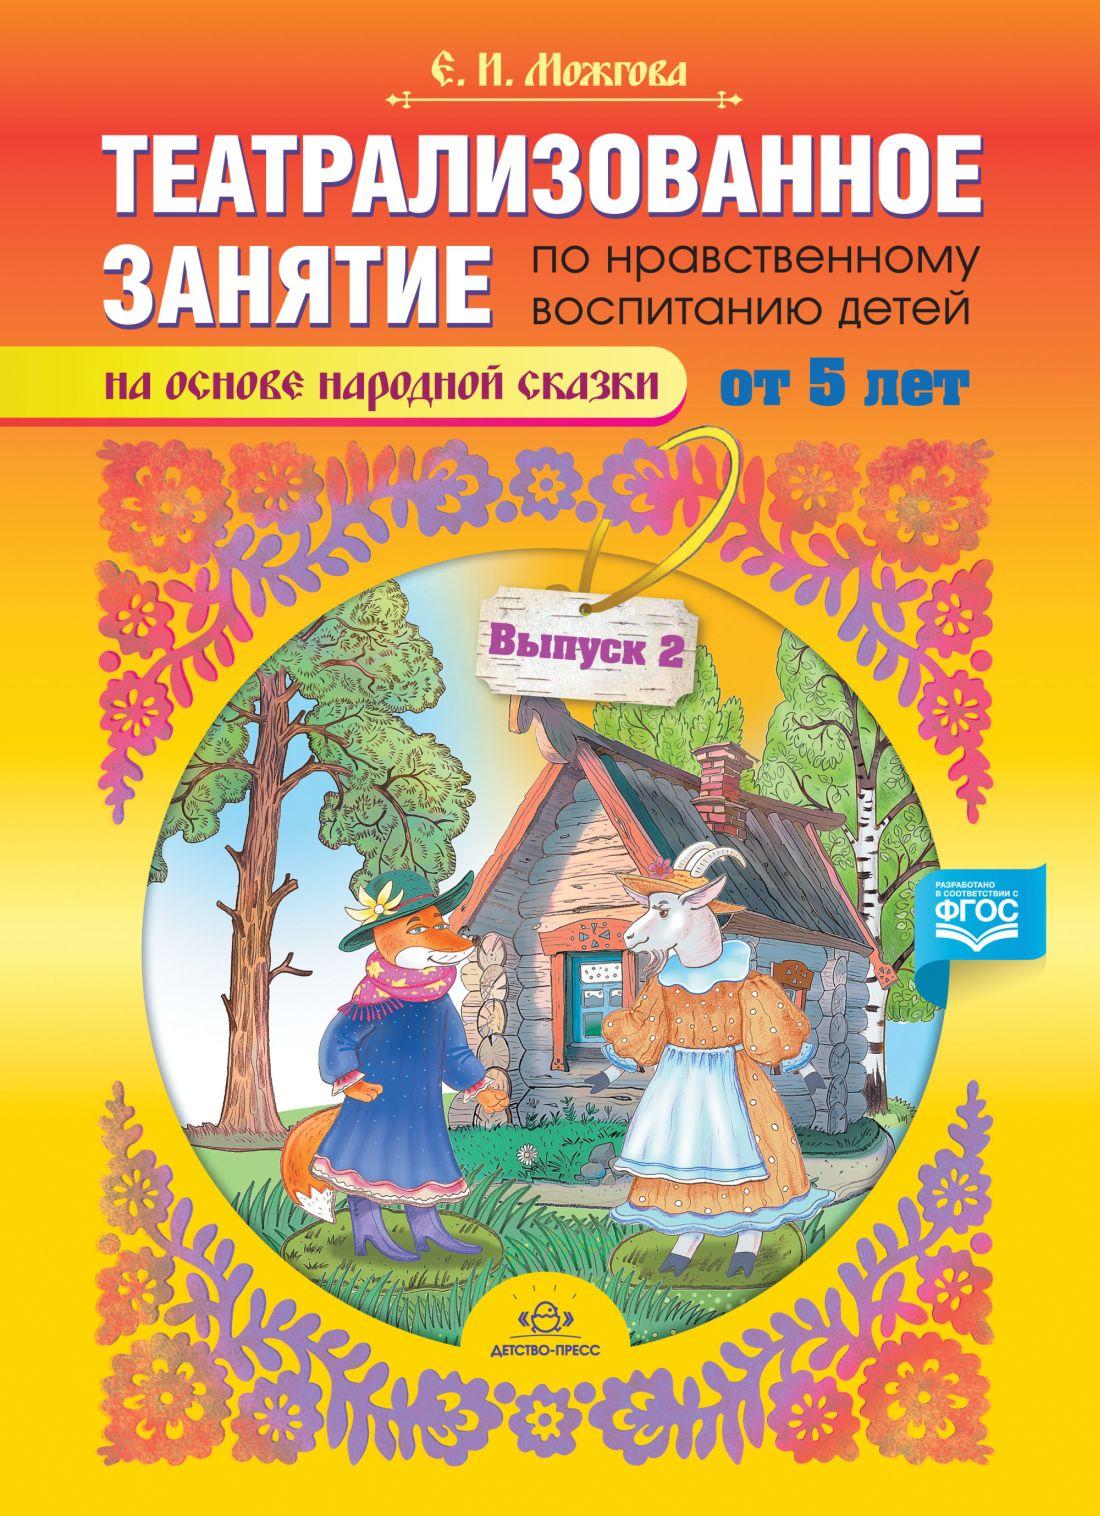 Театрализованное занятие по нравств. воспит. для детей от 5 лет (на основе народ. сказки). Вып 1 ФГОС